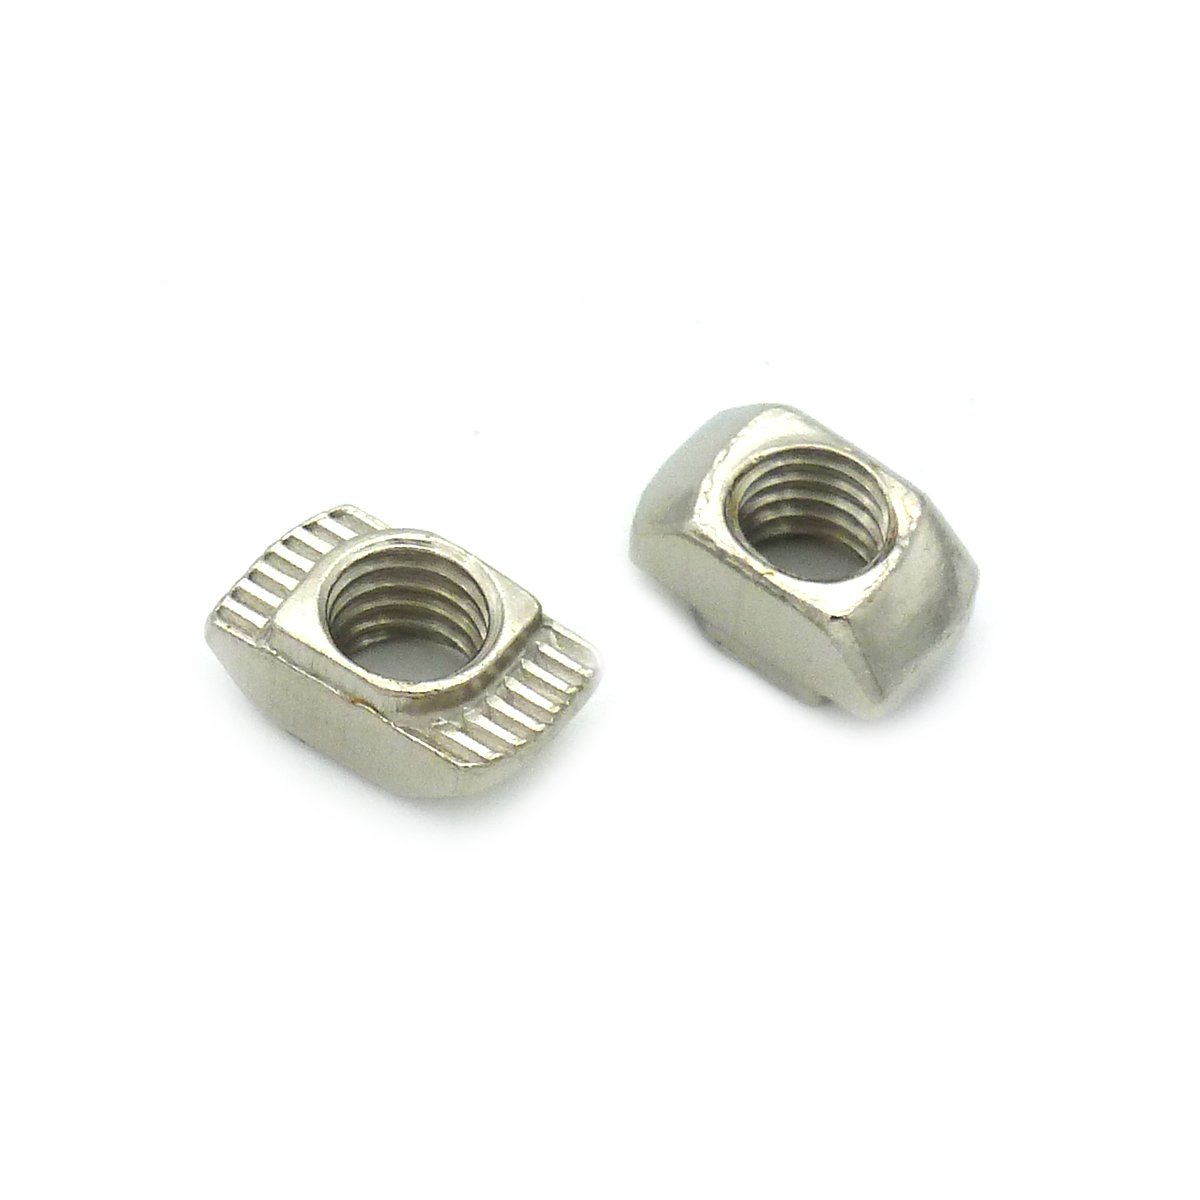 TOPINSTOCK 20x20 European Aluminum Extrusions Slim T-Nut M5 Thread Pack of 100